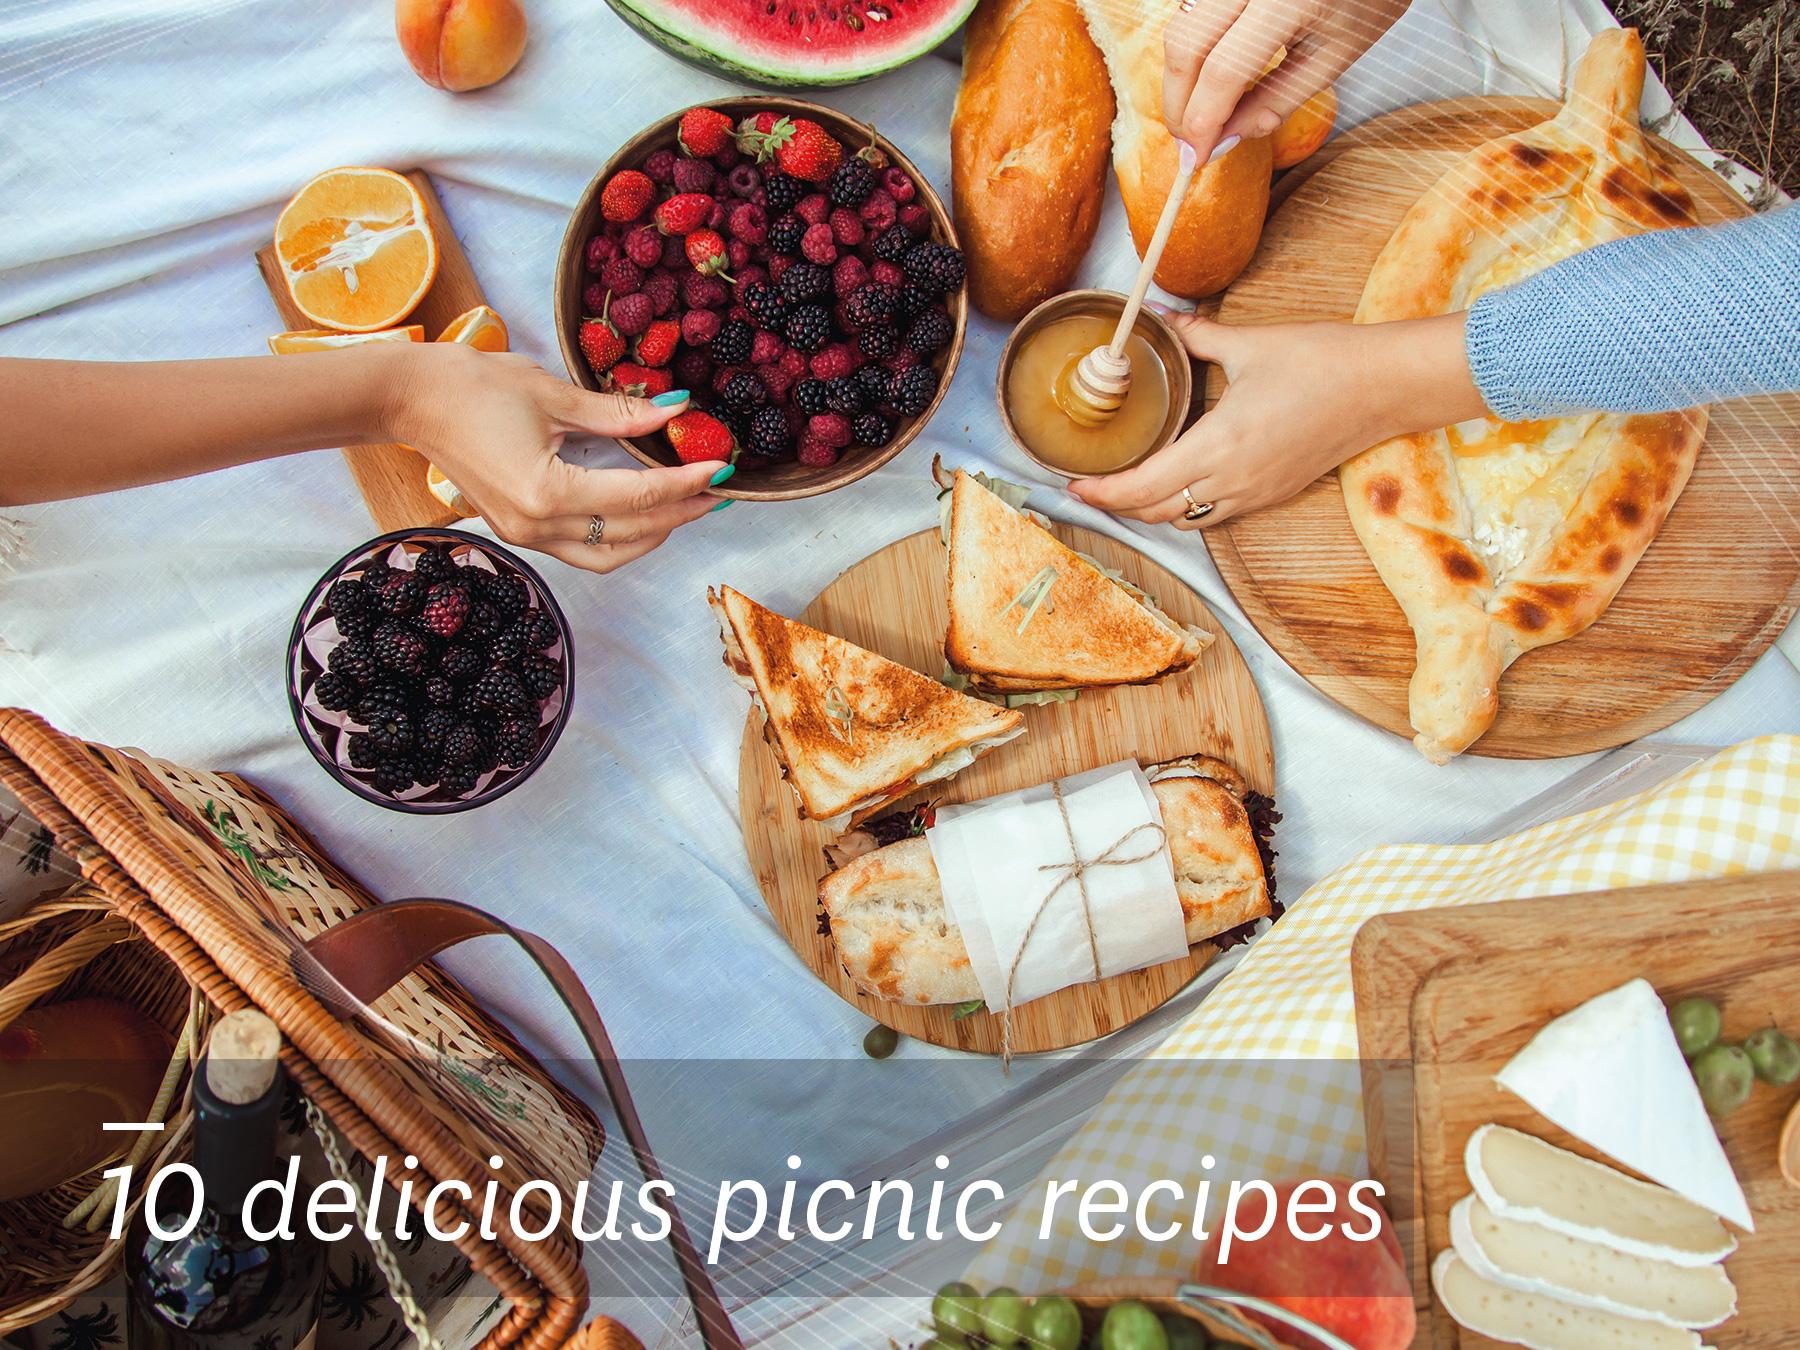 10 Delicious Picnic Recipes